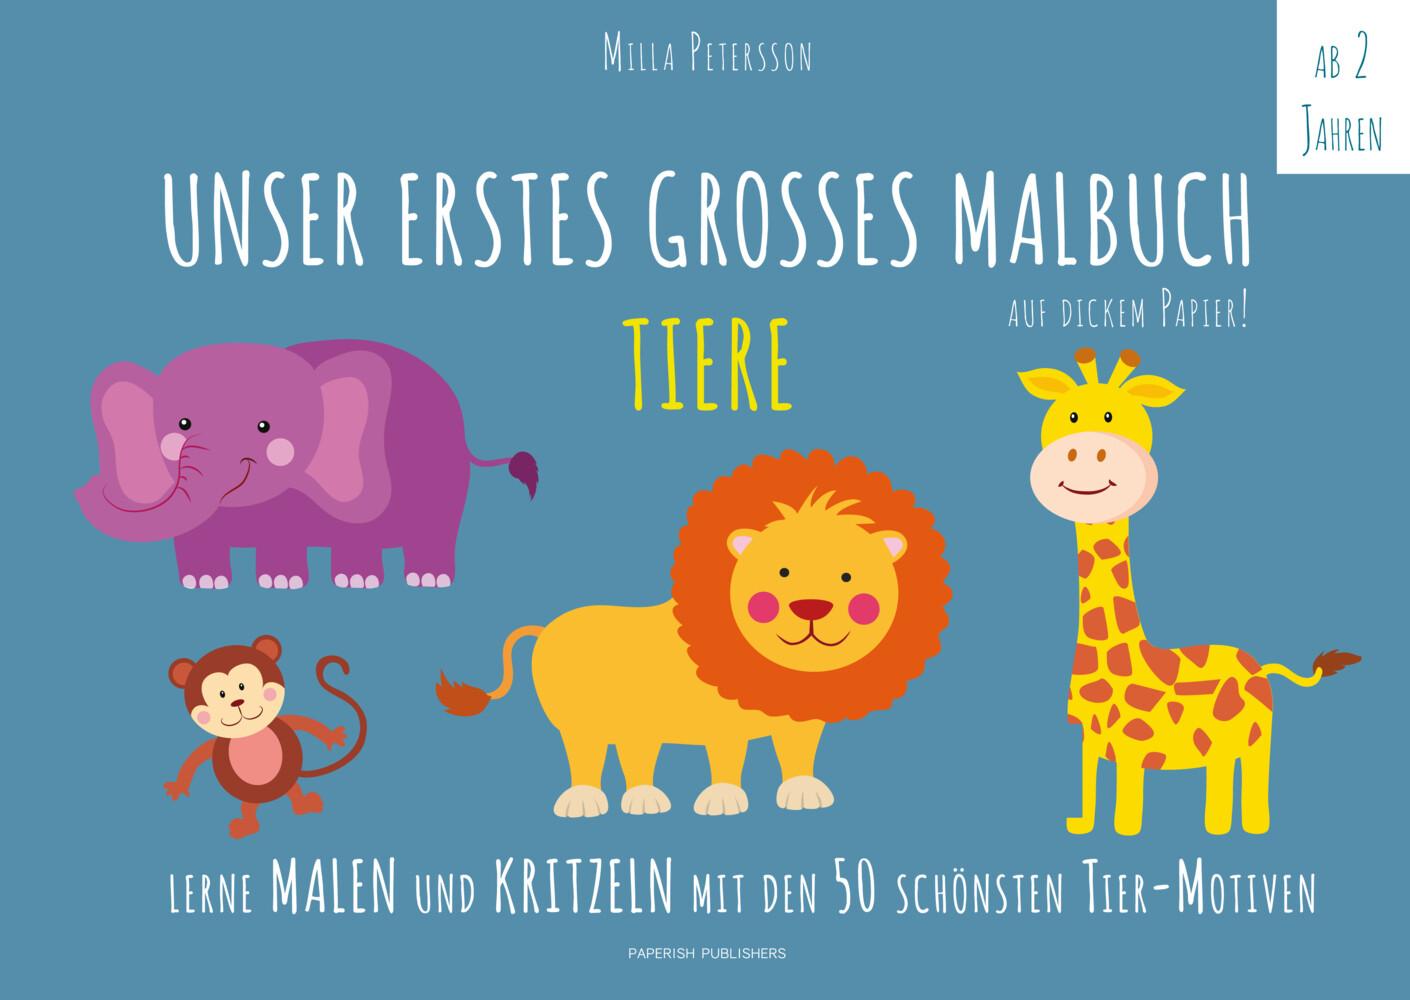 Unser erstes großes Malbuch - Tiere als Buch